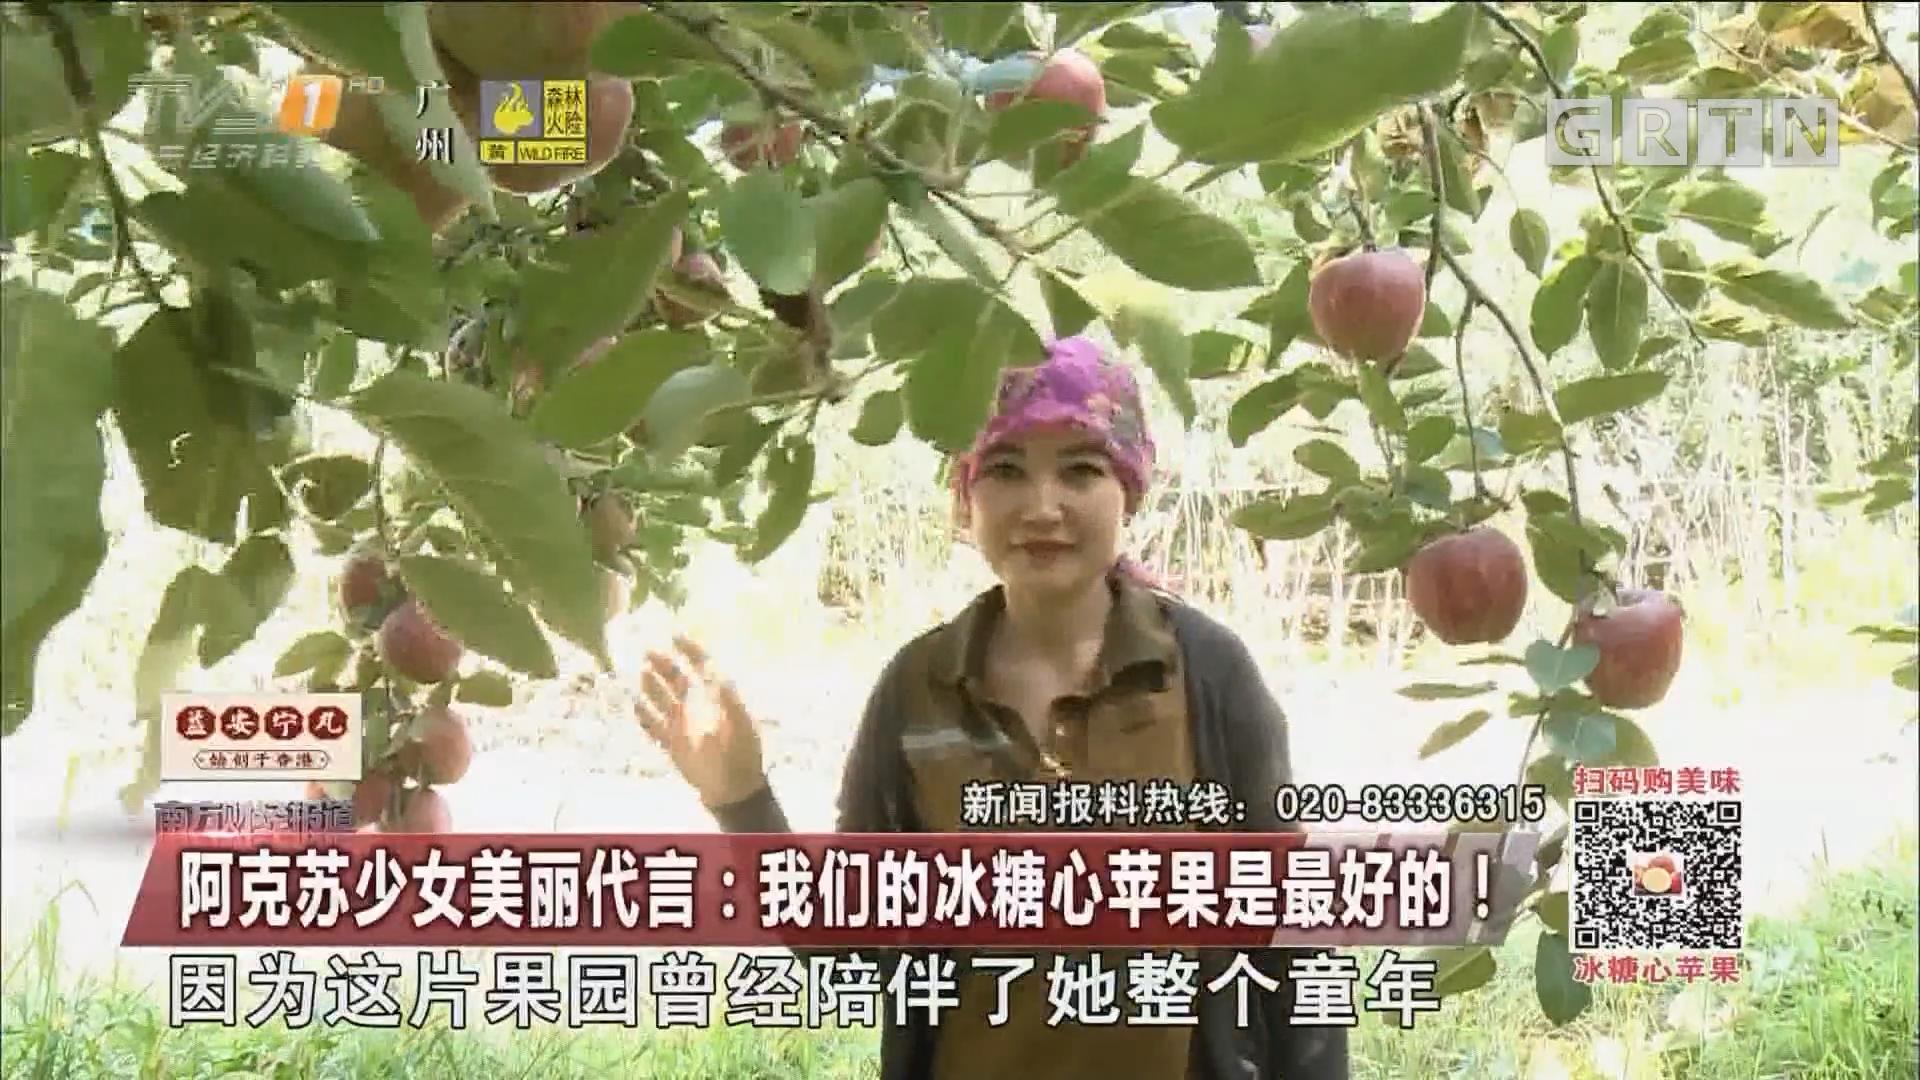 阿克苏少女美丽代言:我们的冰糖心苹果是最好的!